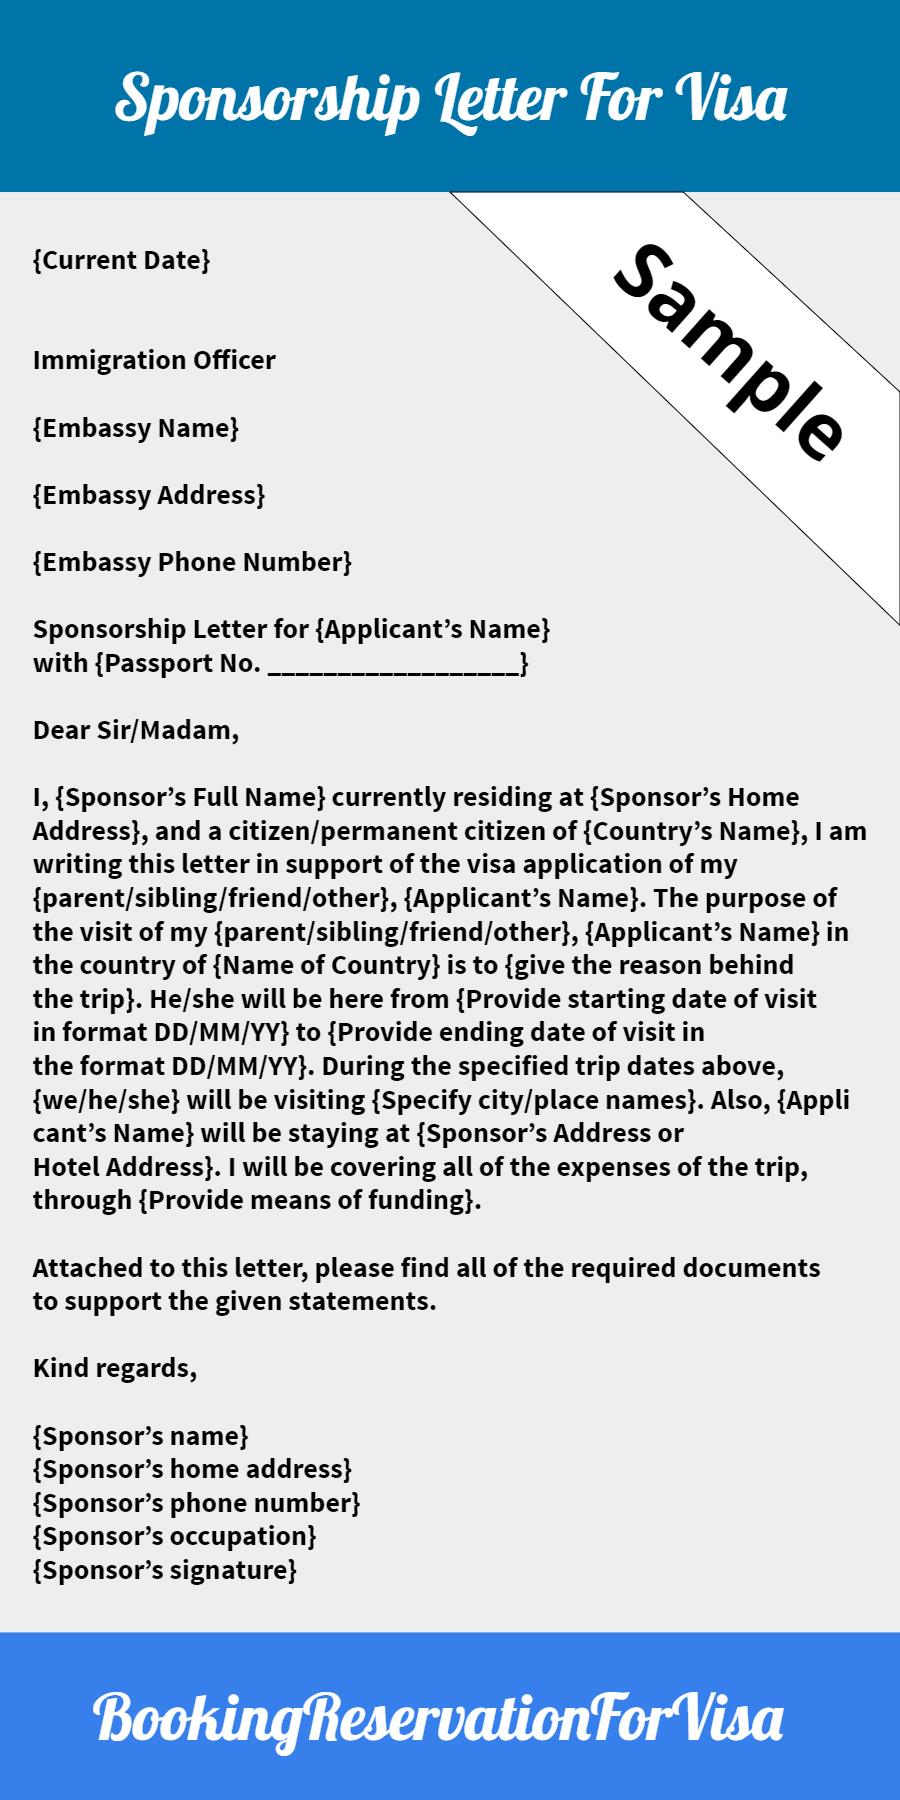 Sponsorship-letter-for-visa-application-sample